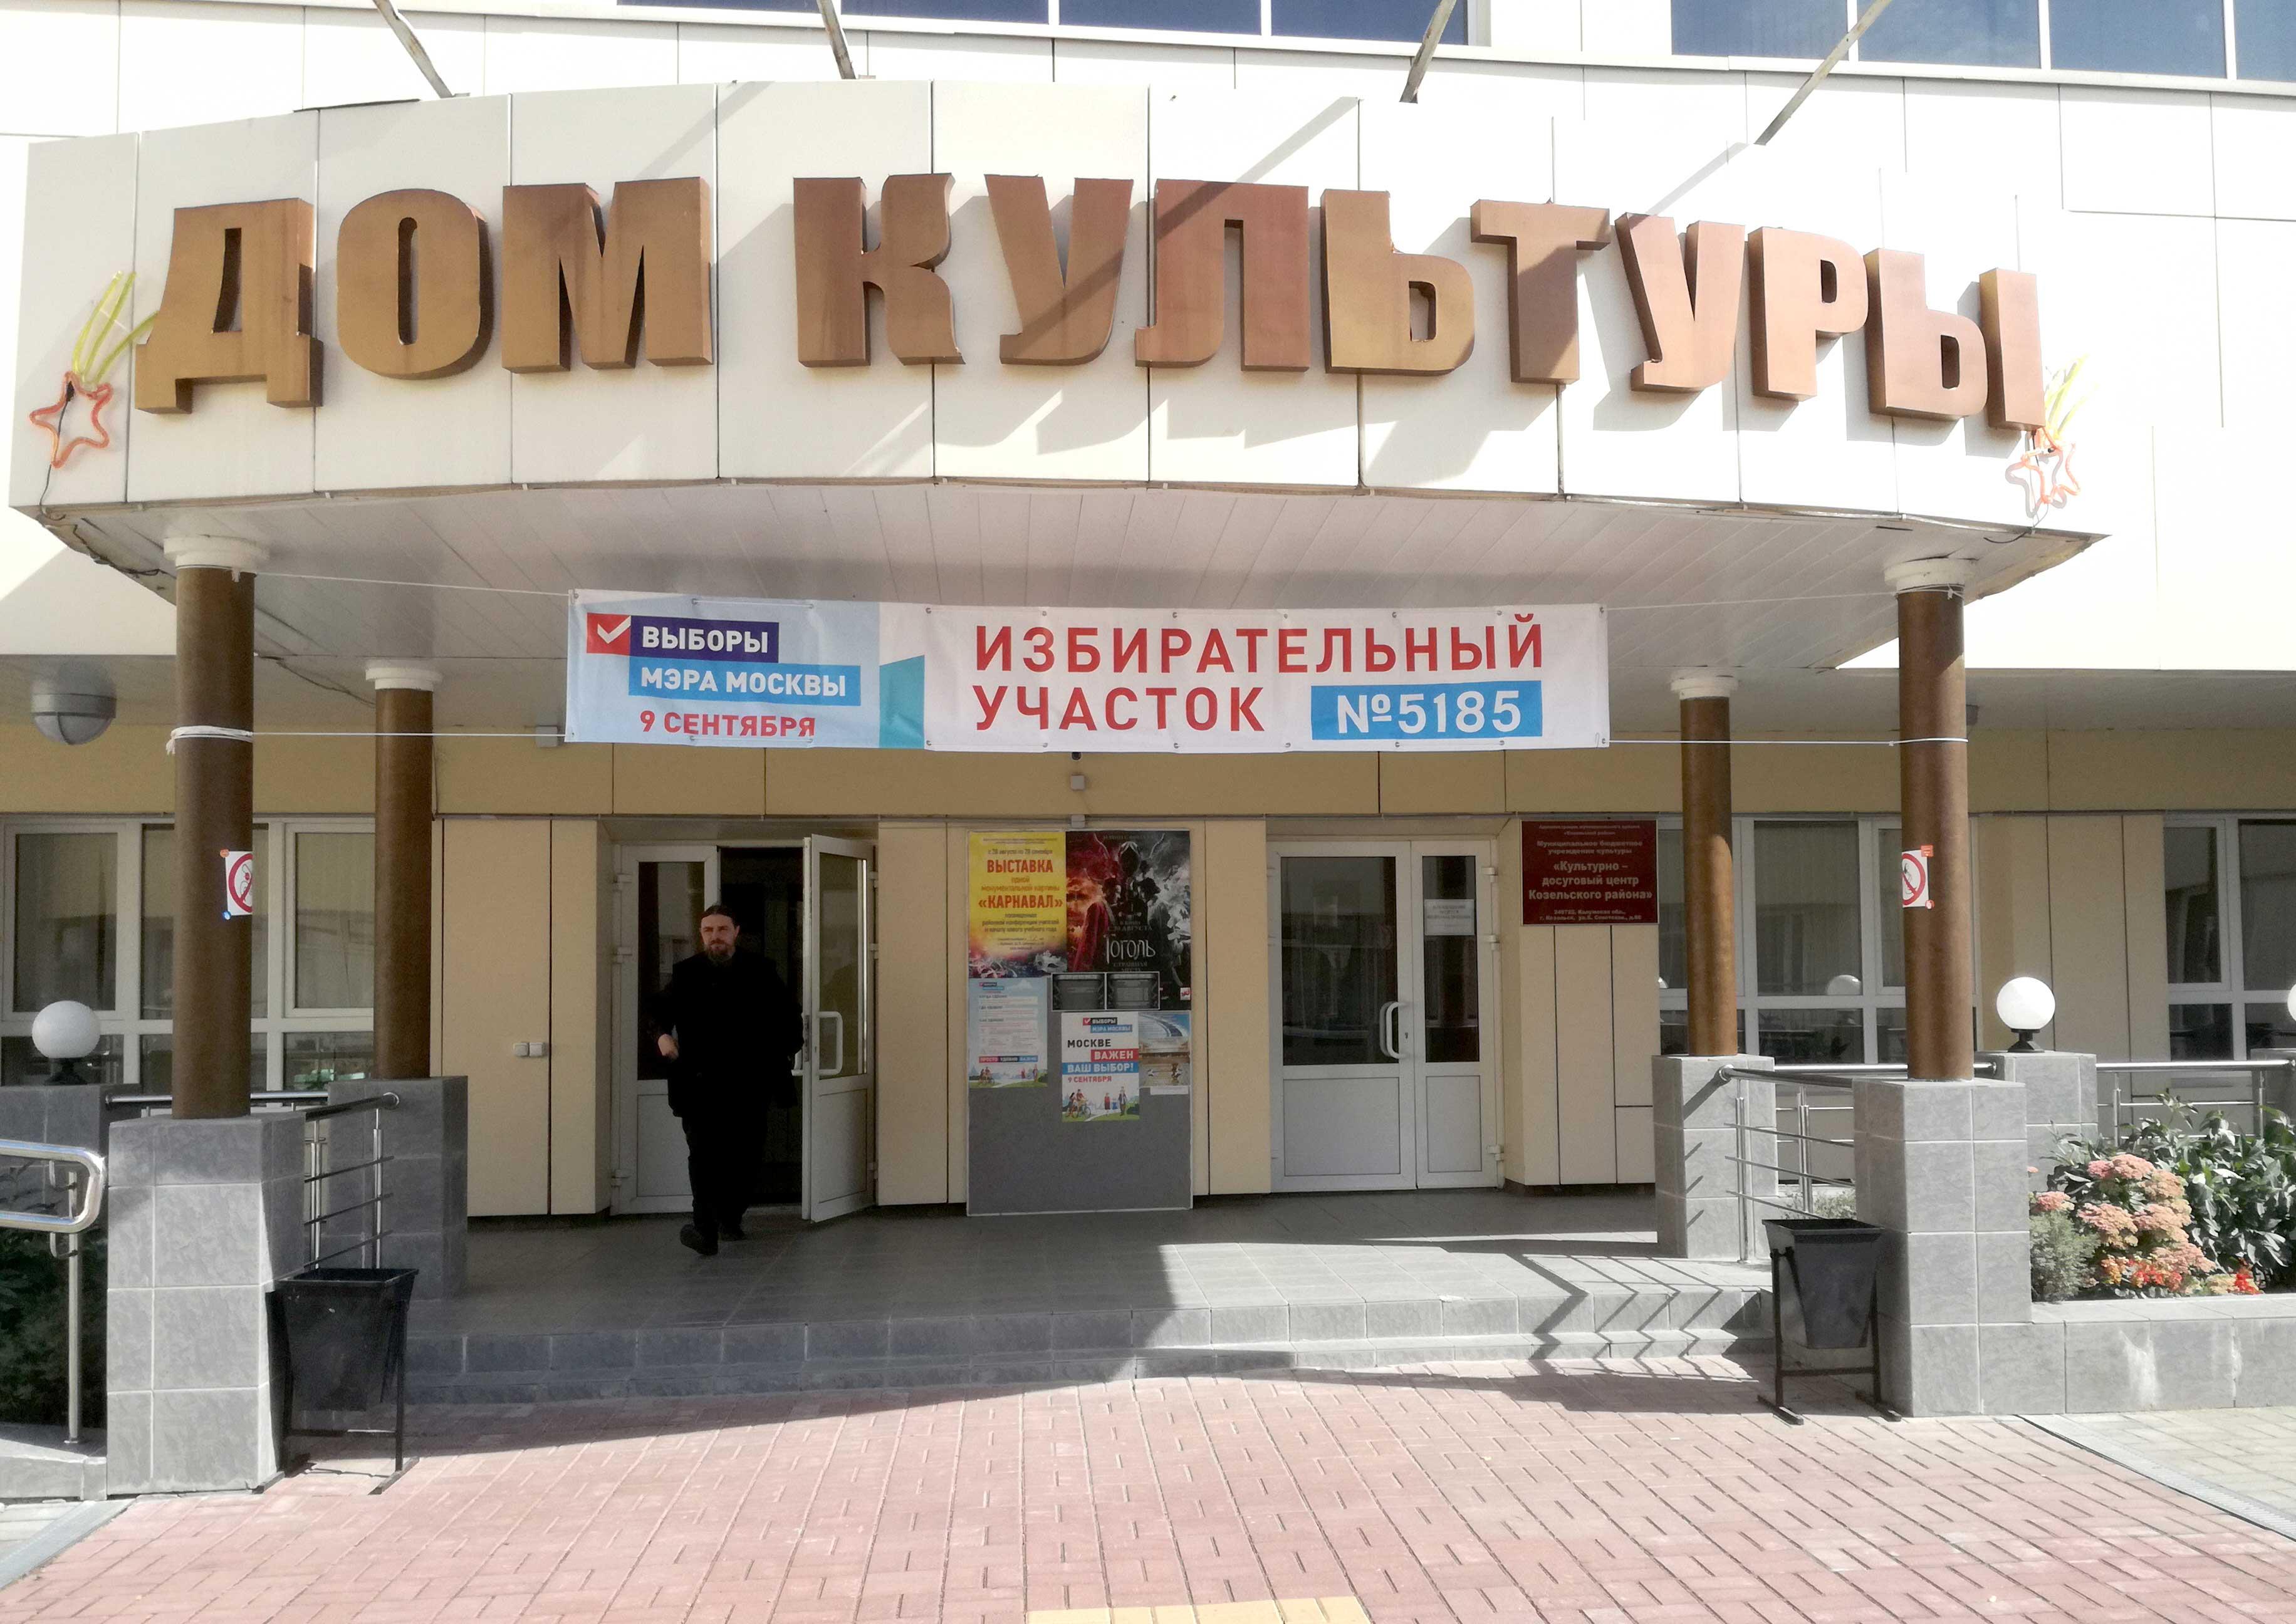 Выборы мэра Москвы в Козельске